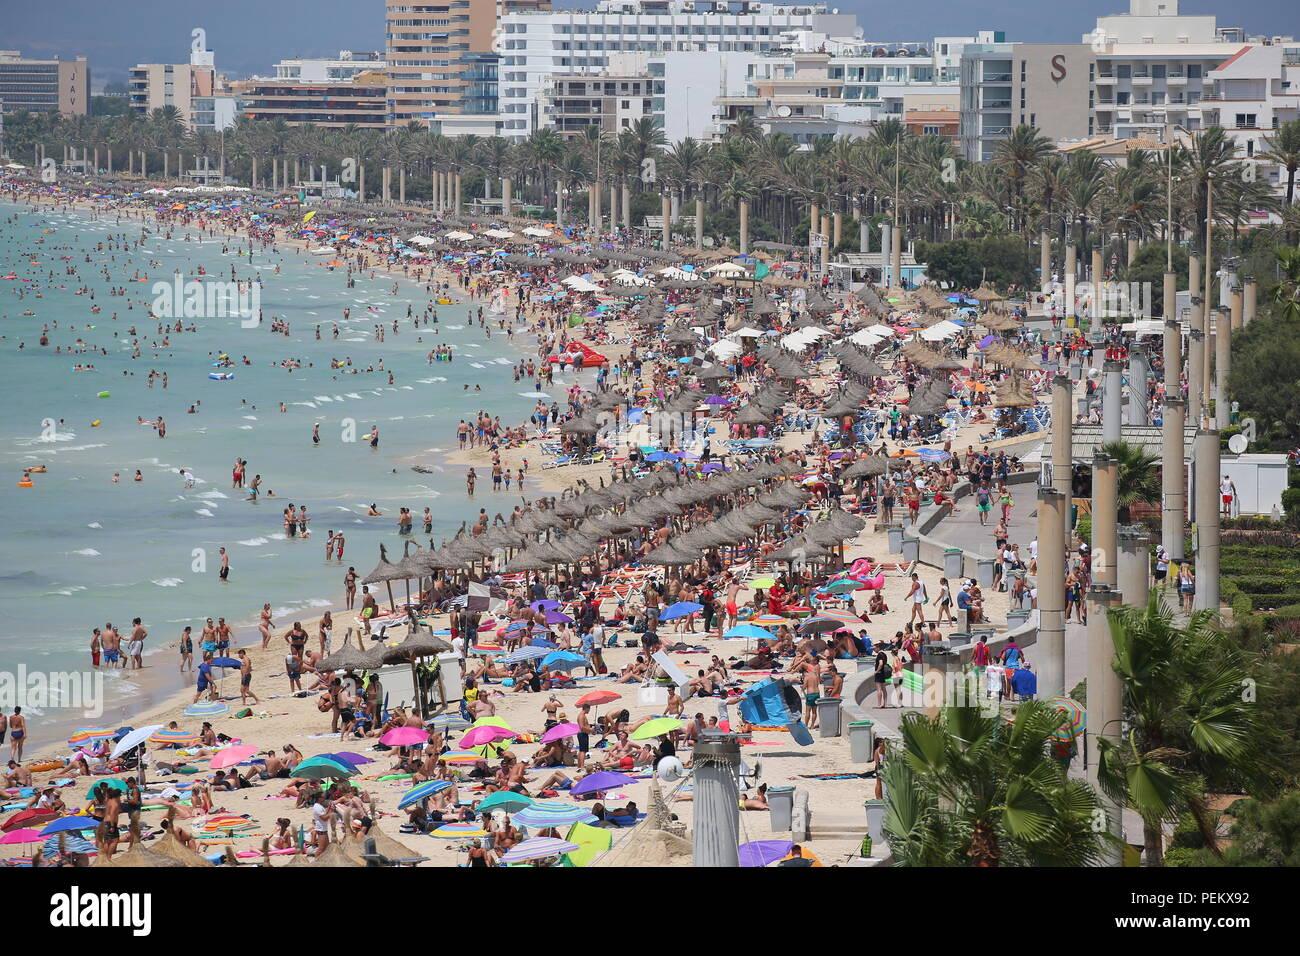 Vue générale sur la plage touristique d'El Arenal dans l'île espagnole de Majorque. Banque D'Images